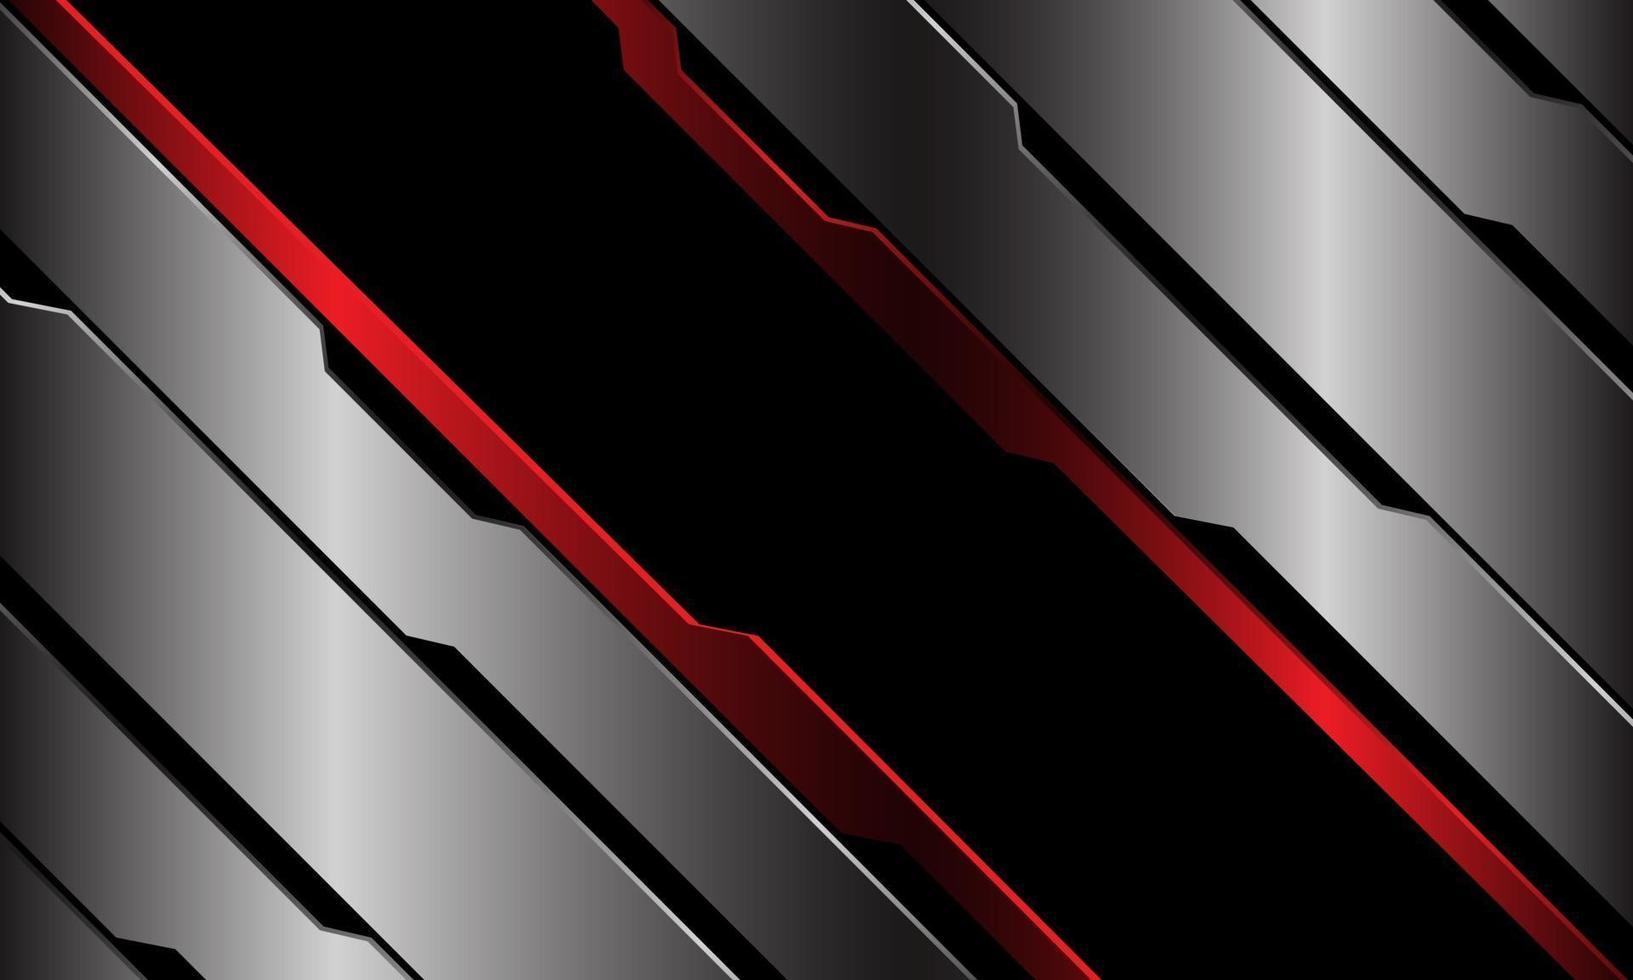 abstract zwart rood banner blauw metallic circuit cyber lijn geometrische schuine streep ontwerp moderne luxe futuristische technologie achtergrond vectorillustratie. vector